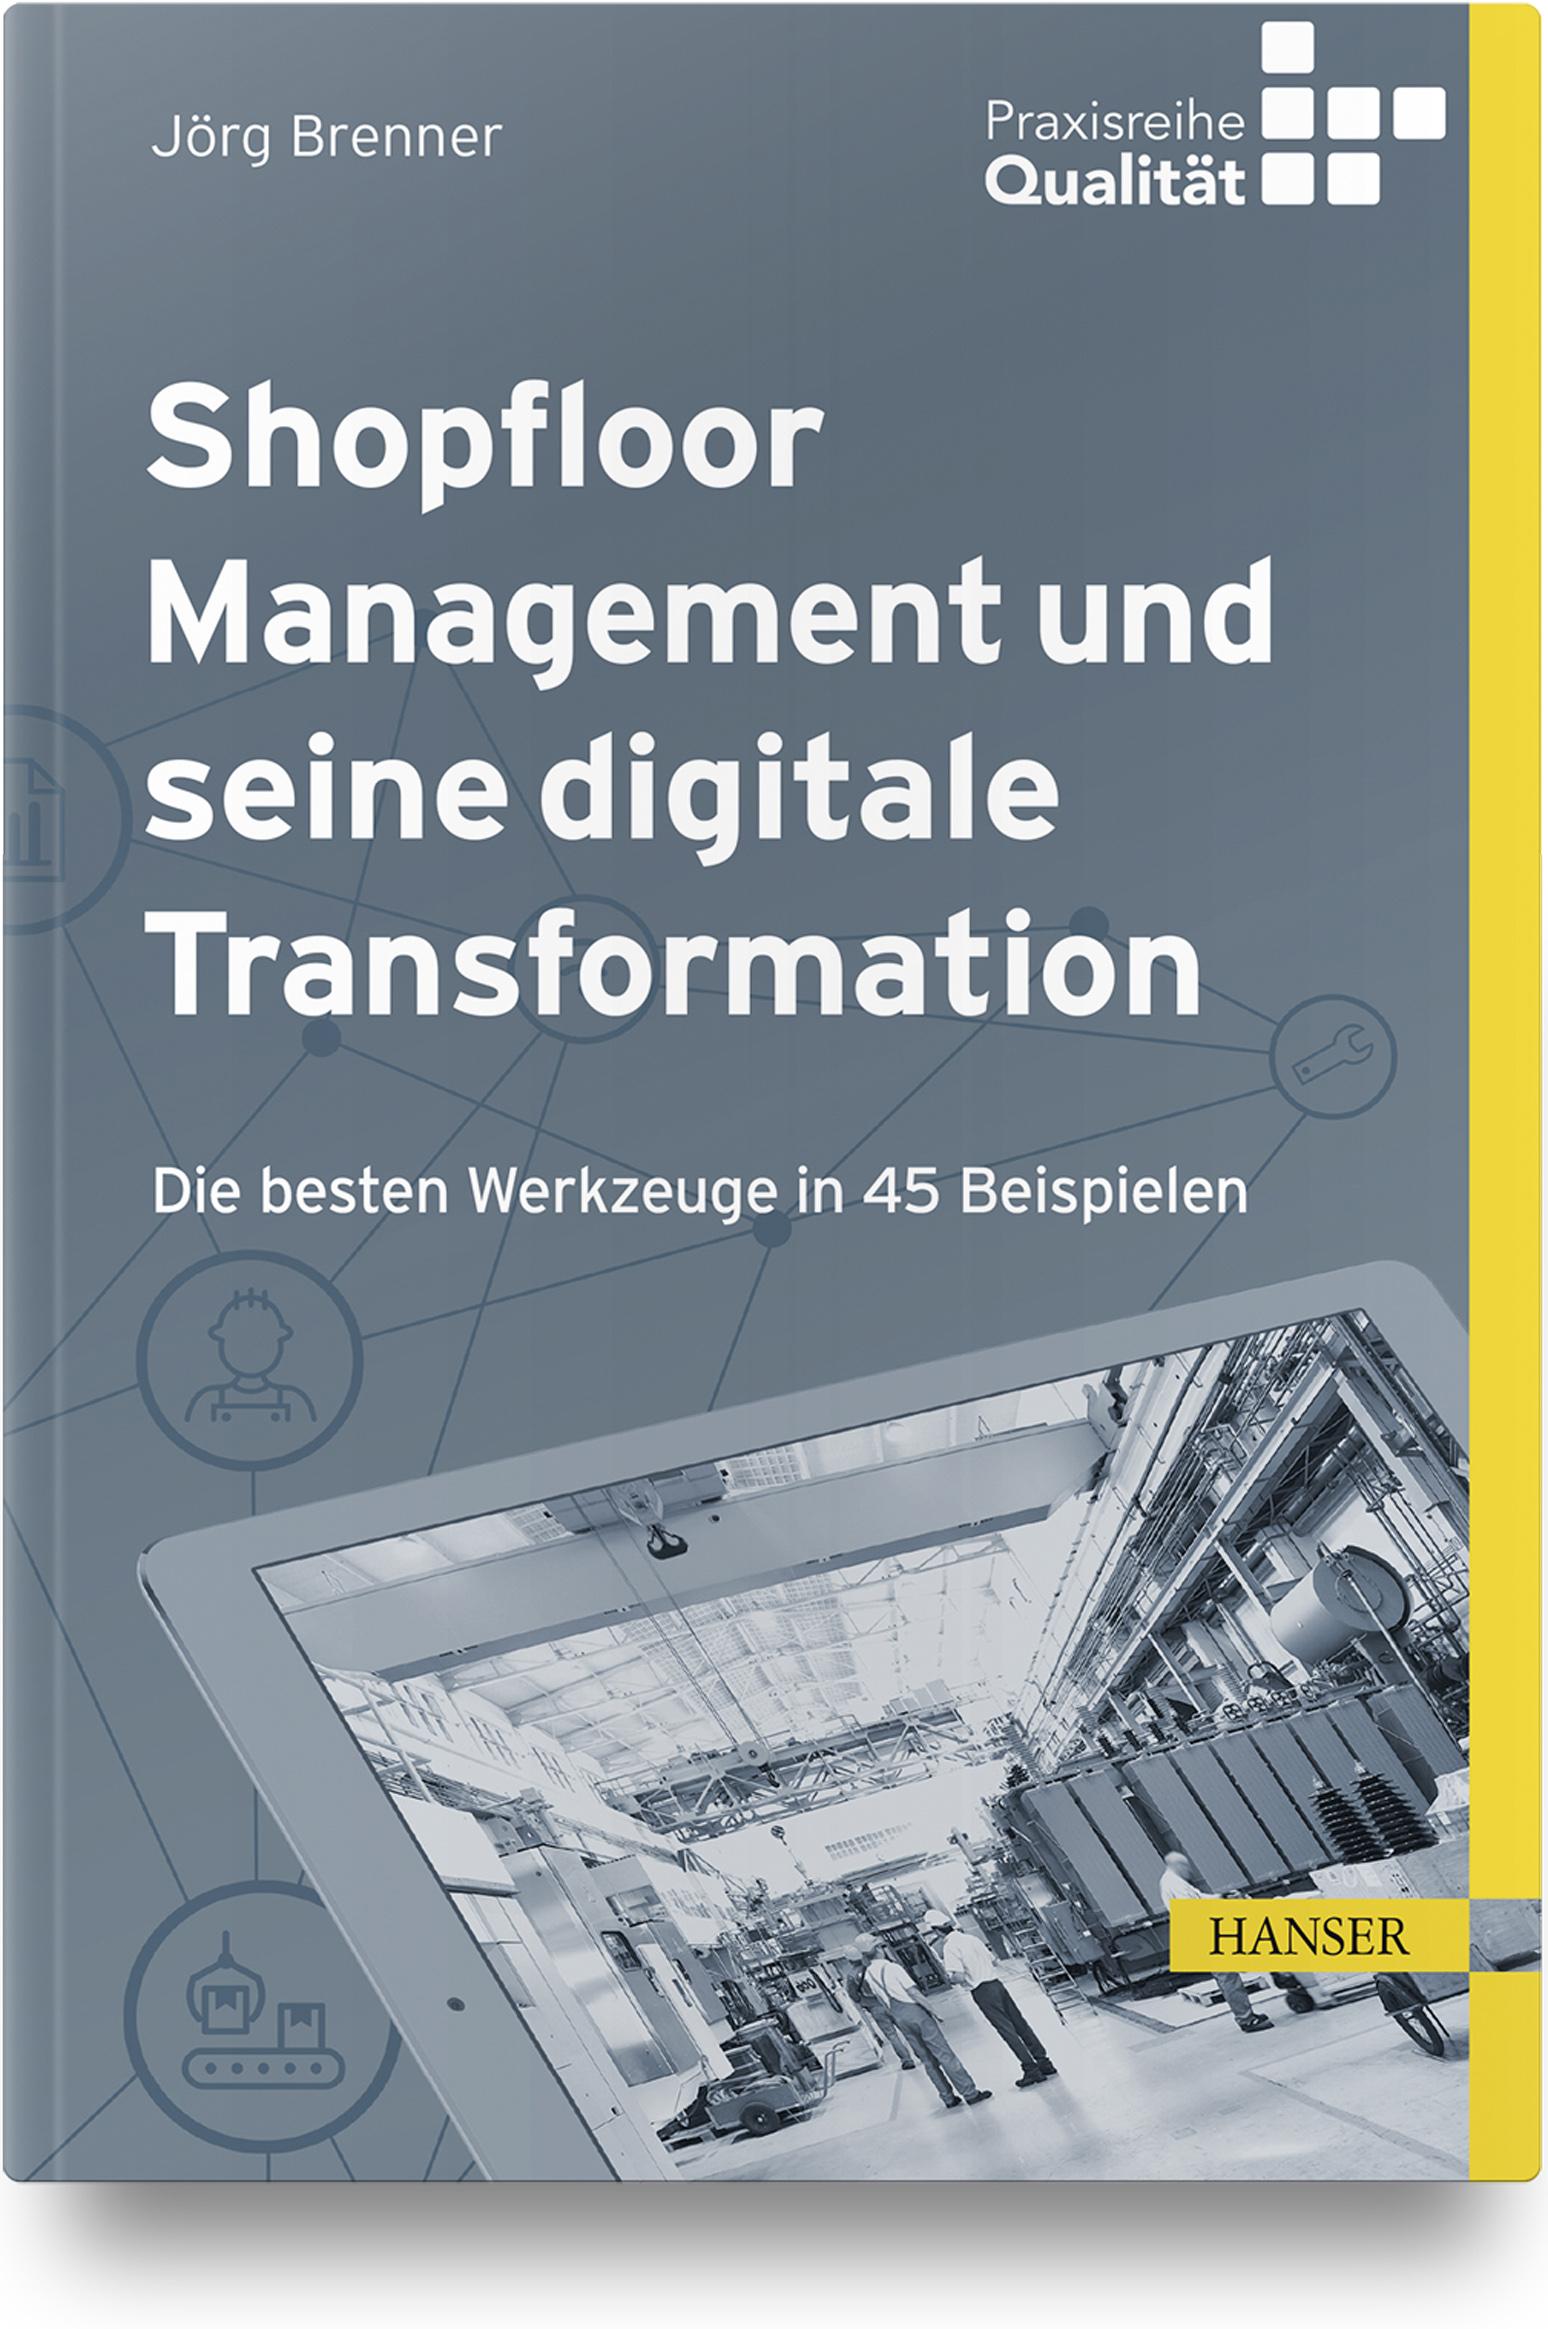 Brenner, Shopfloor Management und seine digitale Transformation, 978-3-446-46000-3